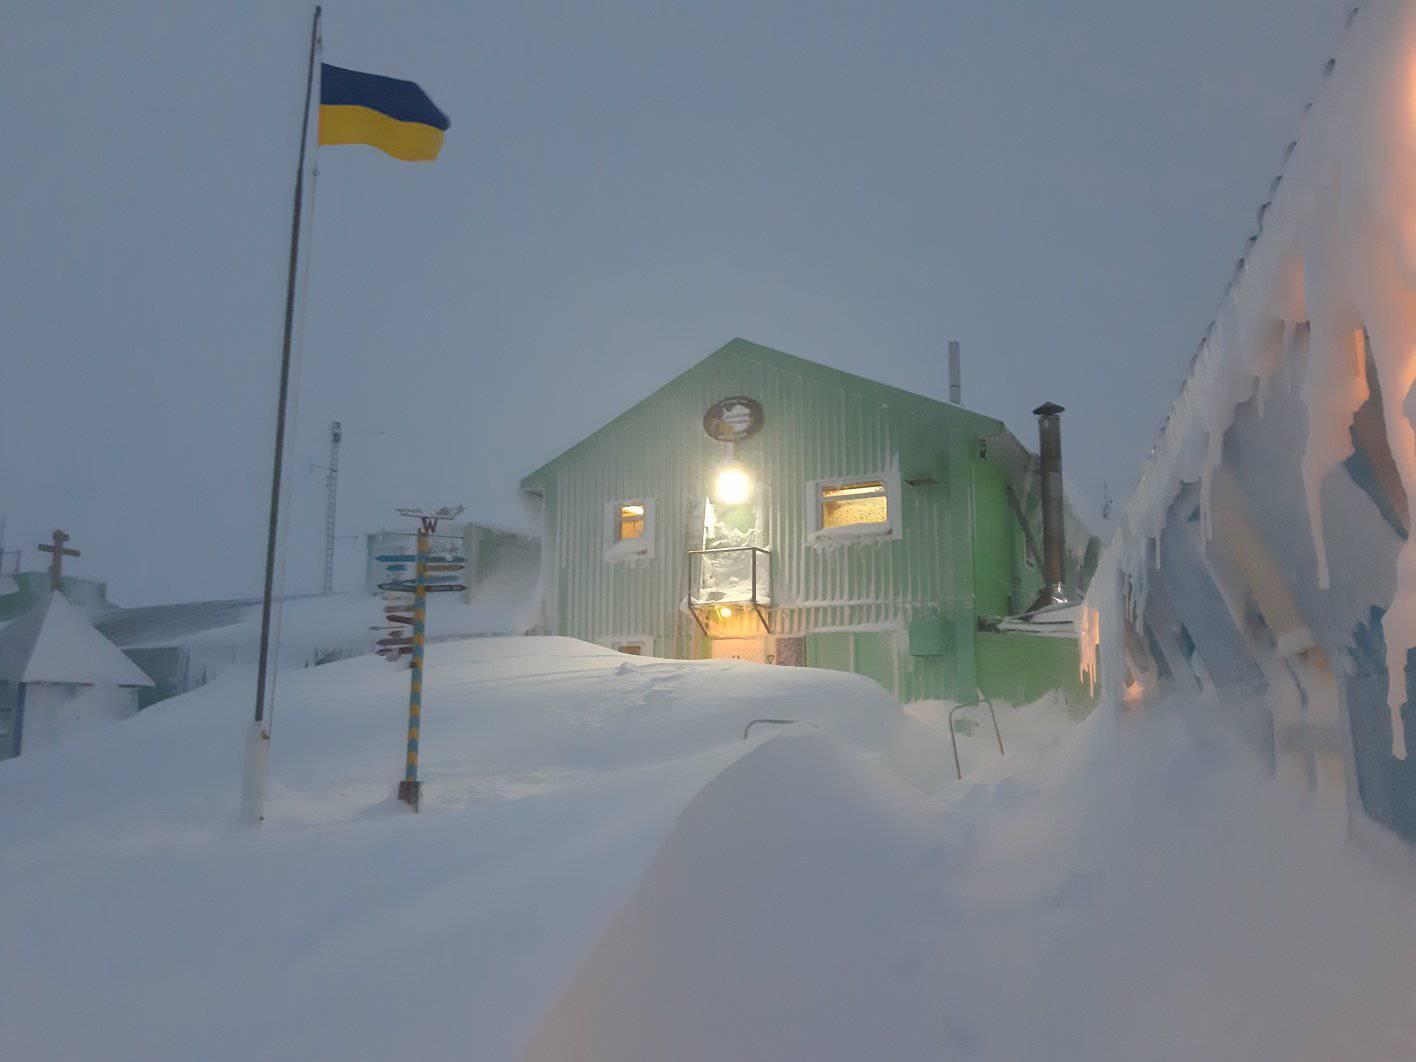 «Пінгвіни та полярники в шоці»: станцію «Академік Вернадський» замело снігом - експедиція, Антарктика - 12 vernadskogo2